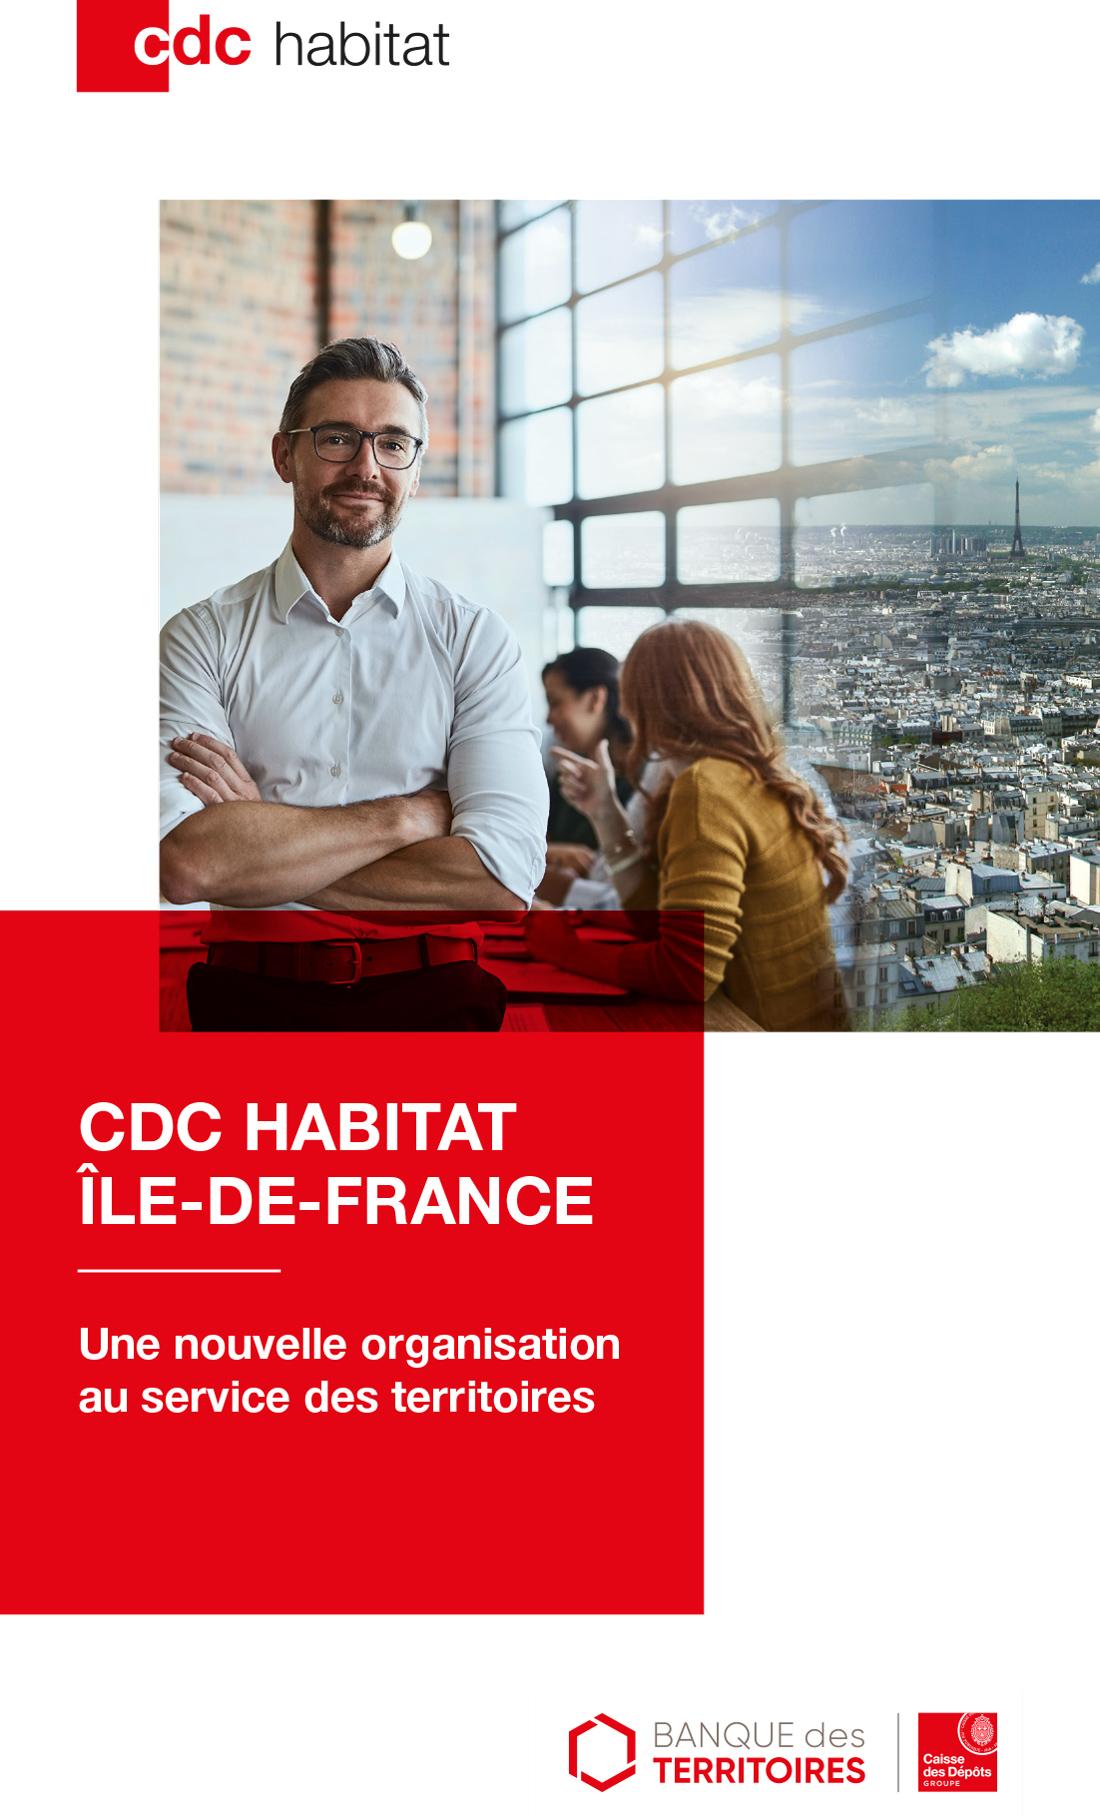 cdc-une-nouvelle-organisation-francilienne-au-service-des-territoires